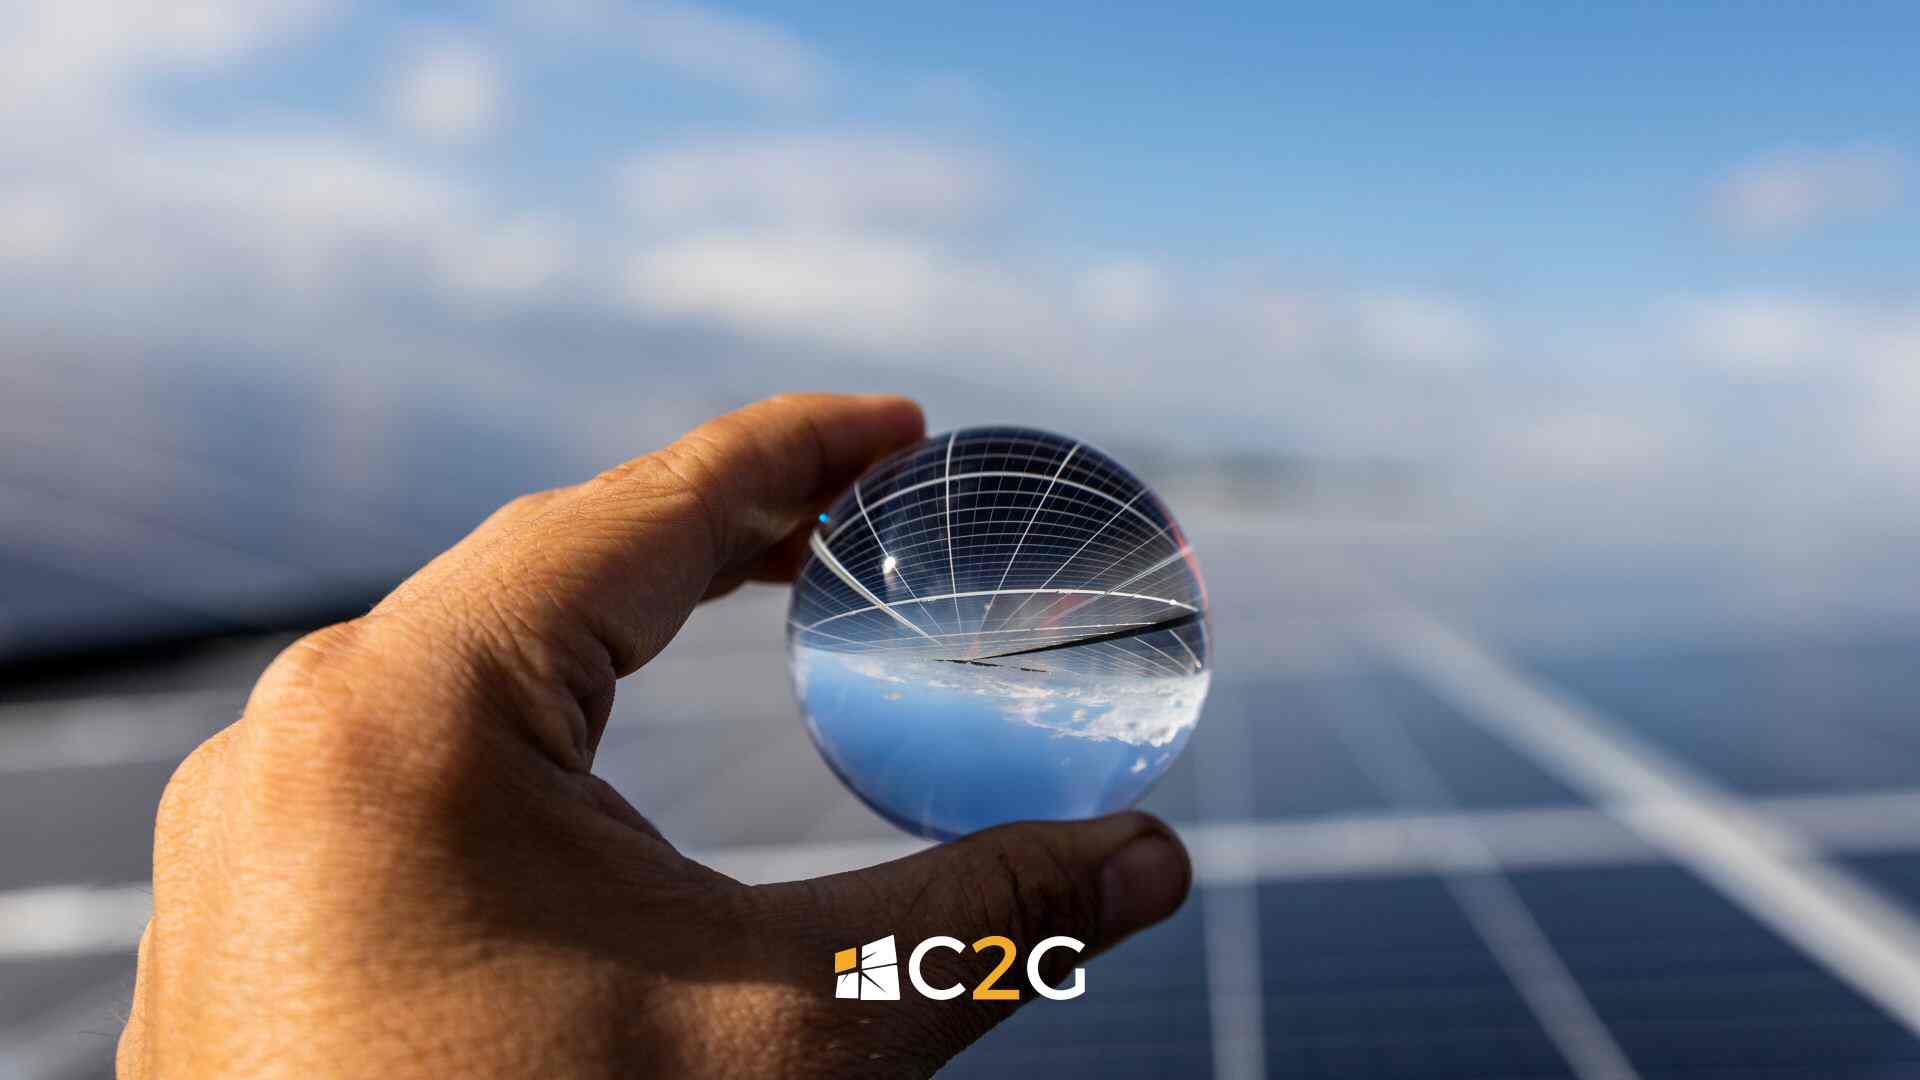 Impianto fotovoltaico C2G Solar